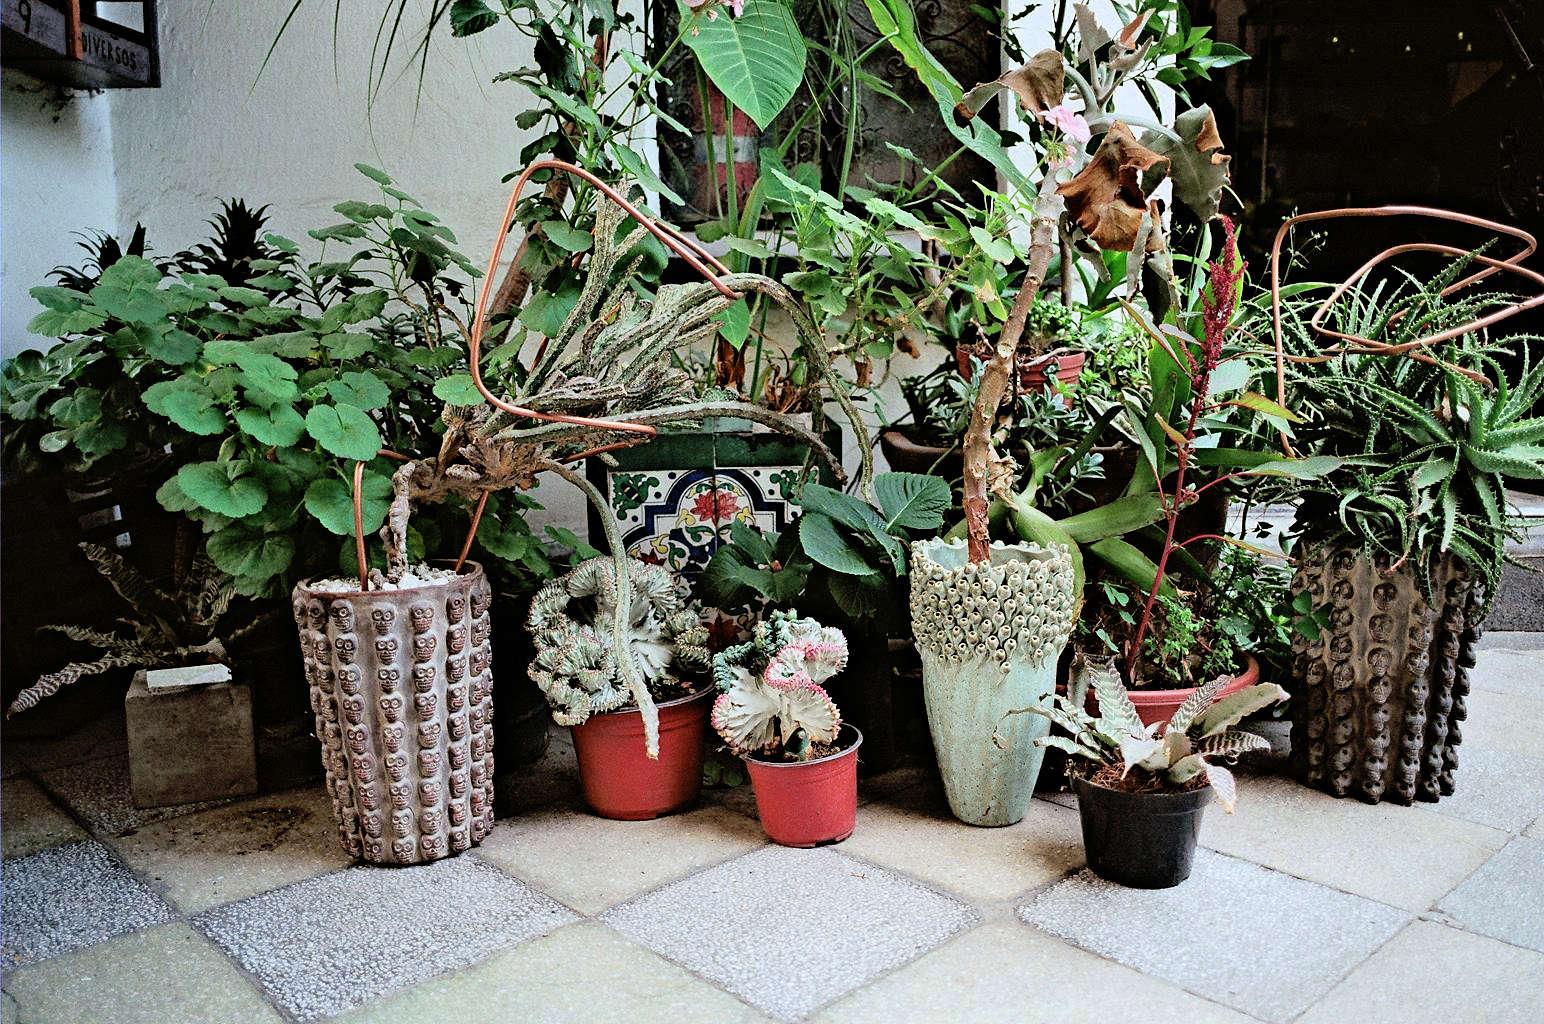 Freunde-von-Freunden-Alberto-Arango-Ramiro-Guerrero-025-gardenista